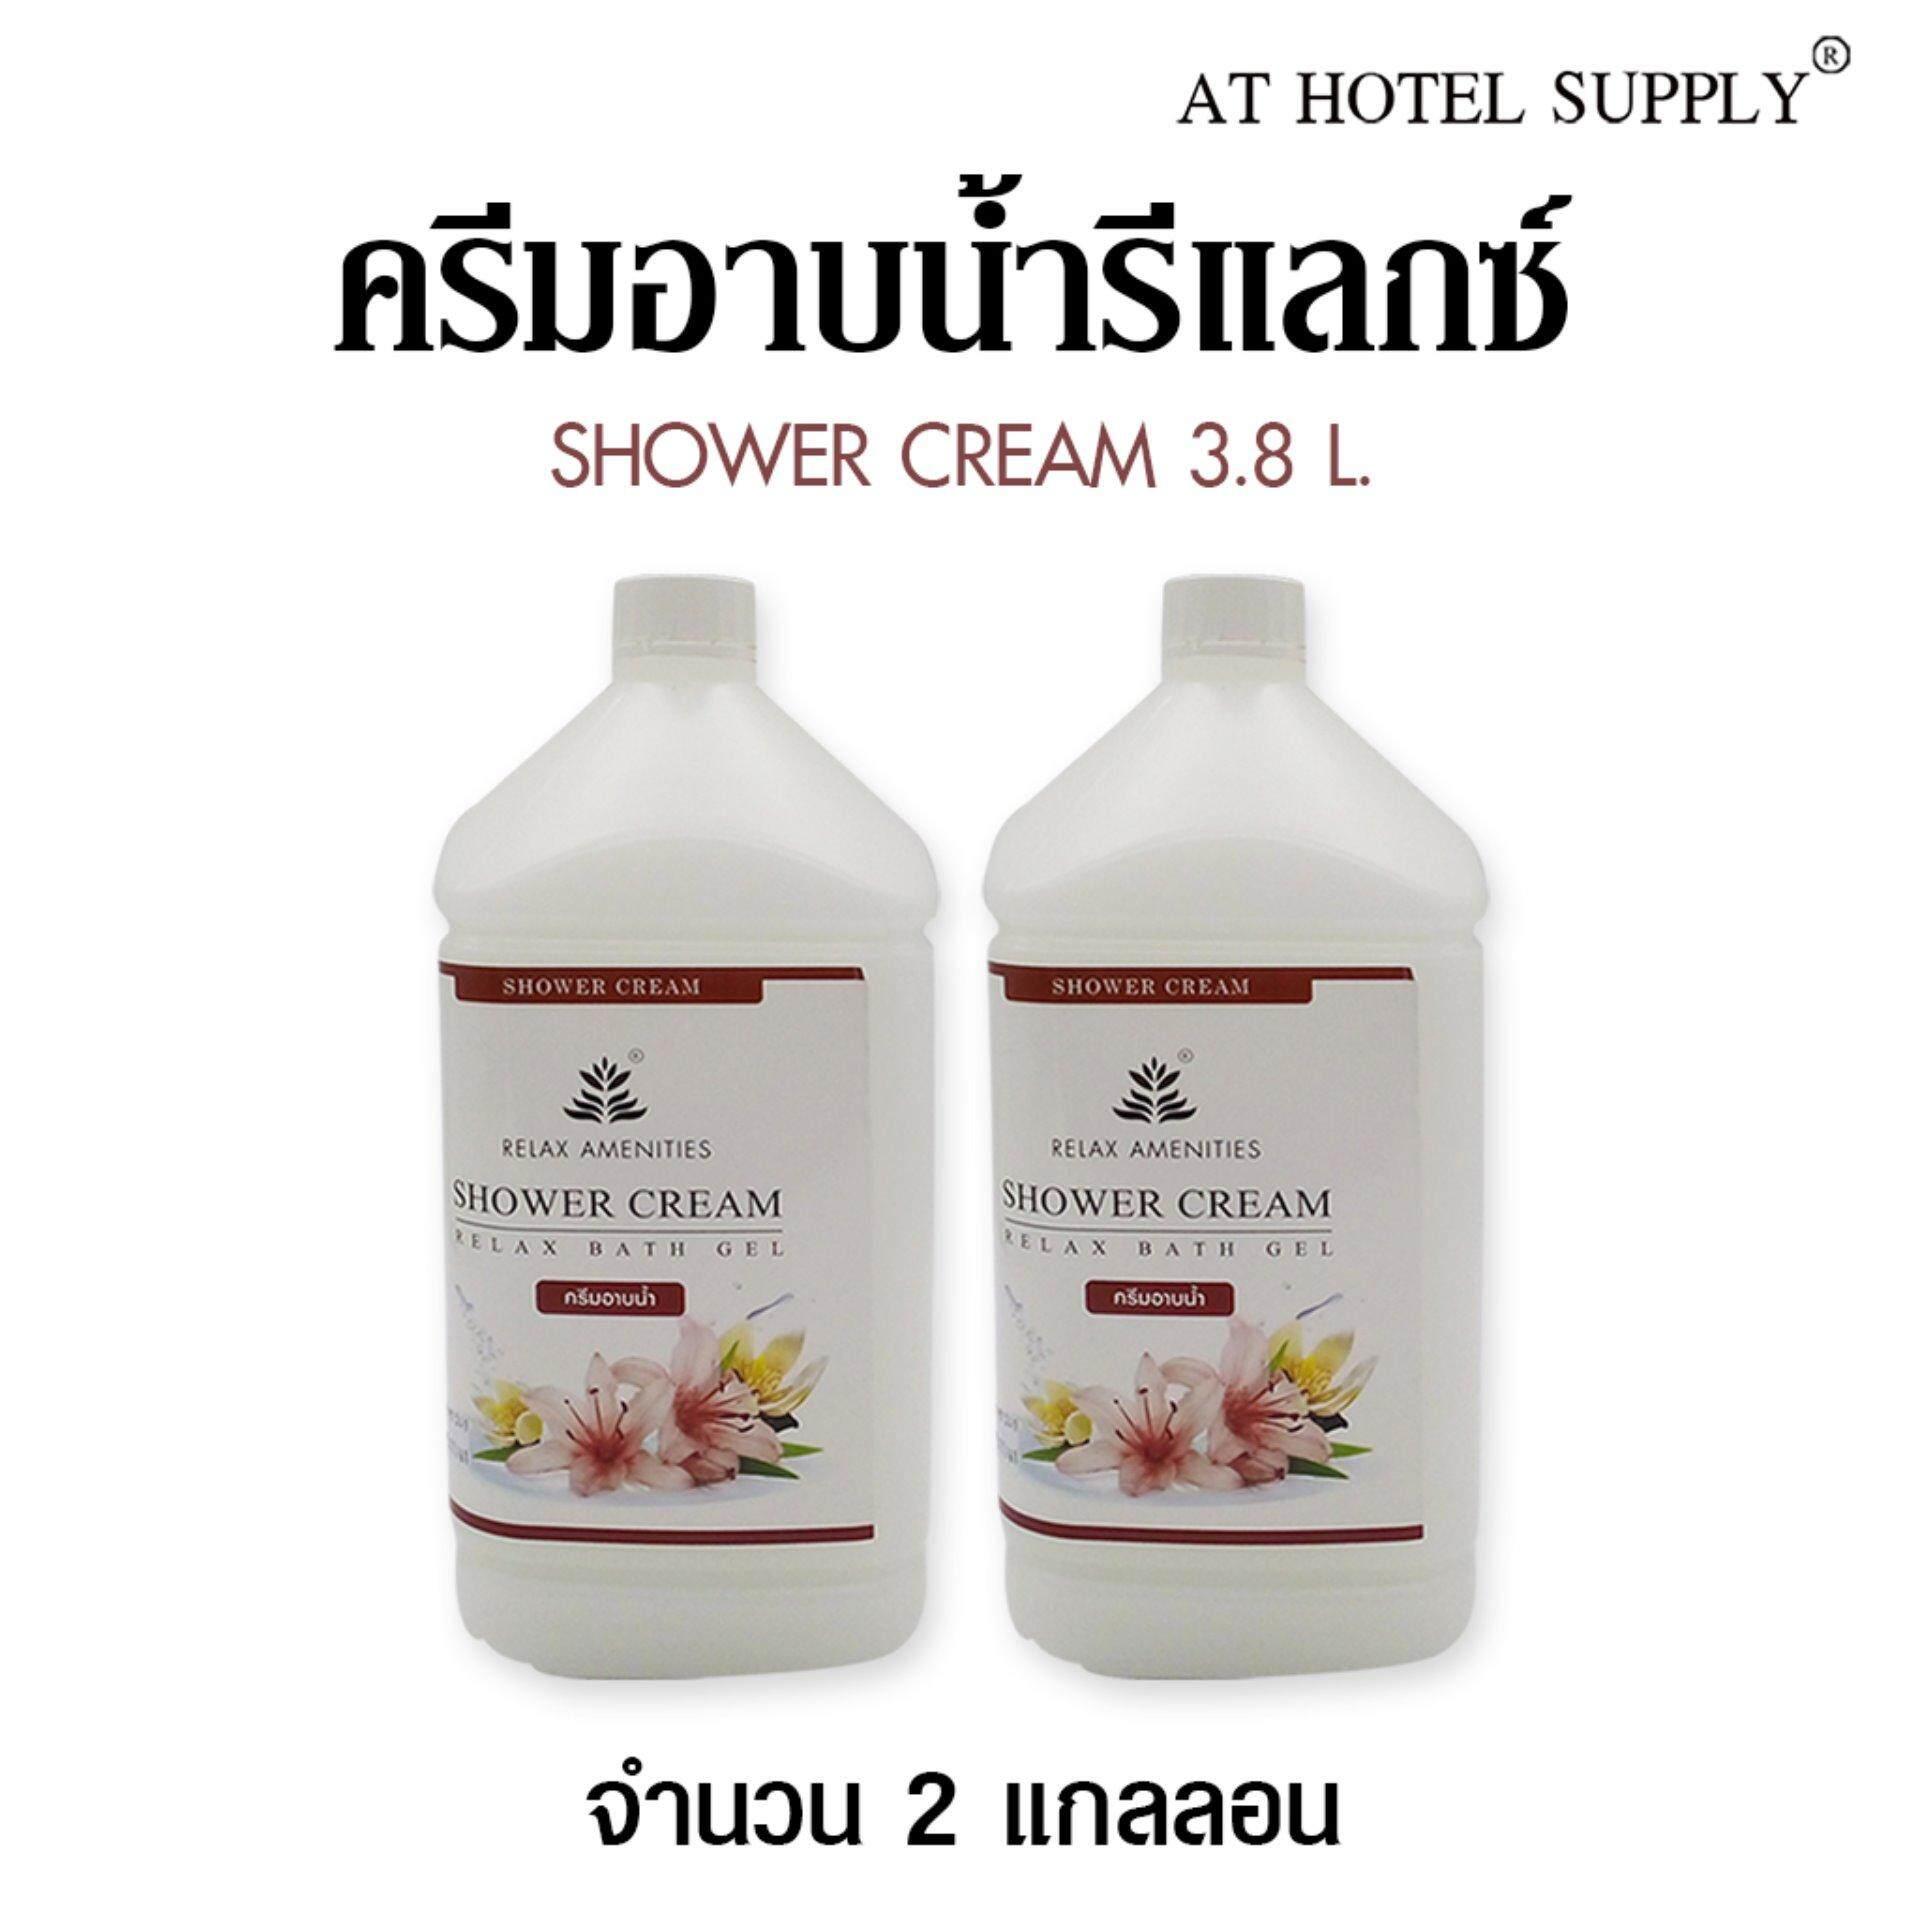 ครีมอาบน้ำบรรจุแกลลอน สบู่เหลว กลิ่นลักซ์ เนื้อครีมสีขาว ยี่ห้อ RELAX ขนาด 3.8 ลิตร, 2แกลลอน สำหรับใช้ในห้องน้ำในโรงแรม รีสอร์ท และอพาร์เม้น